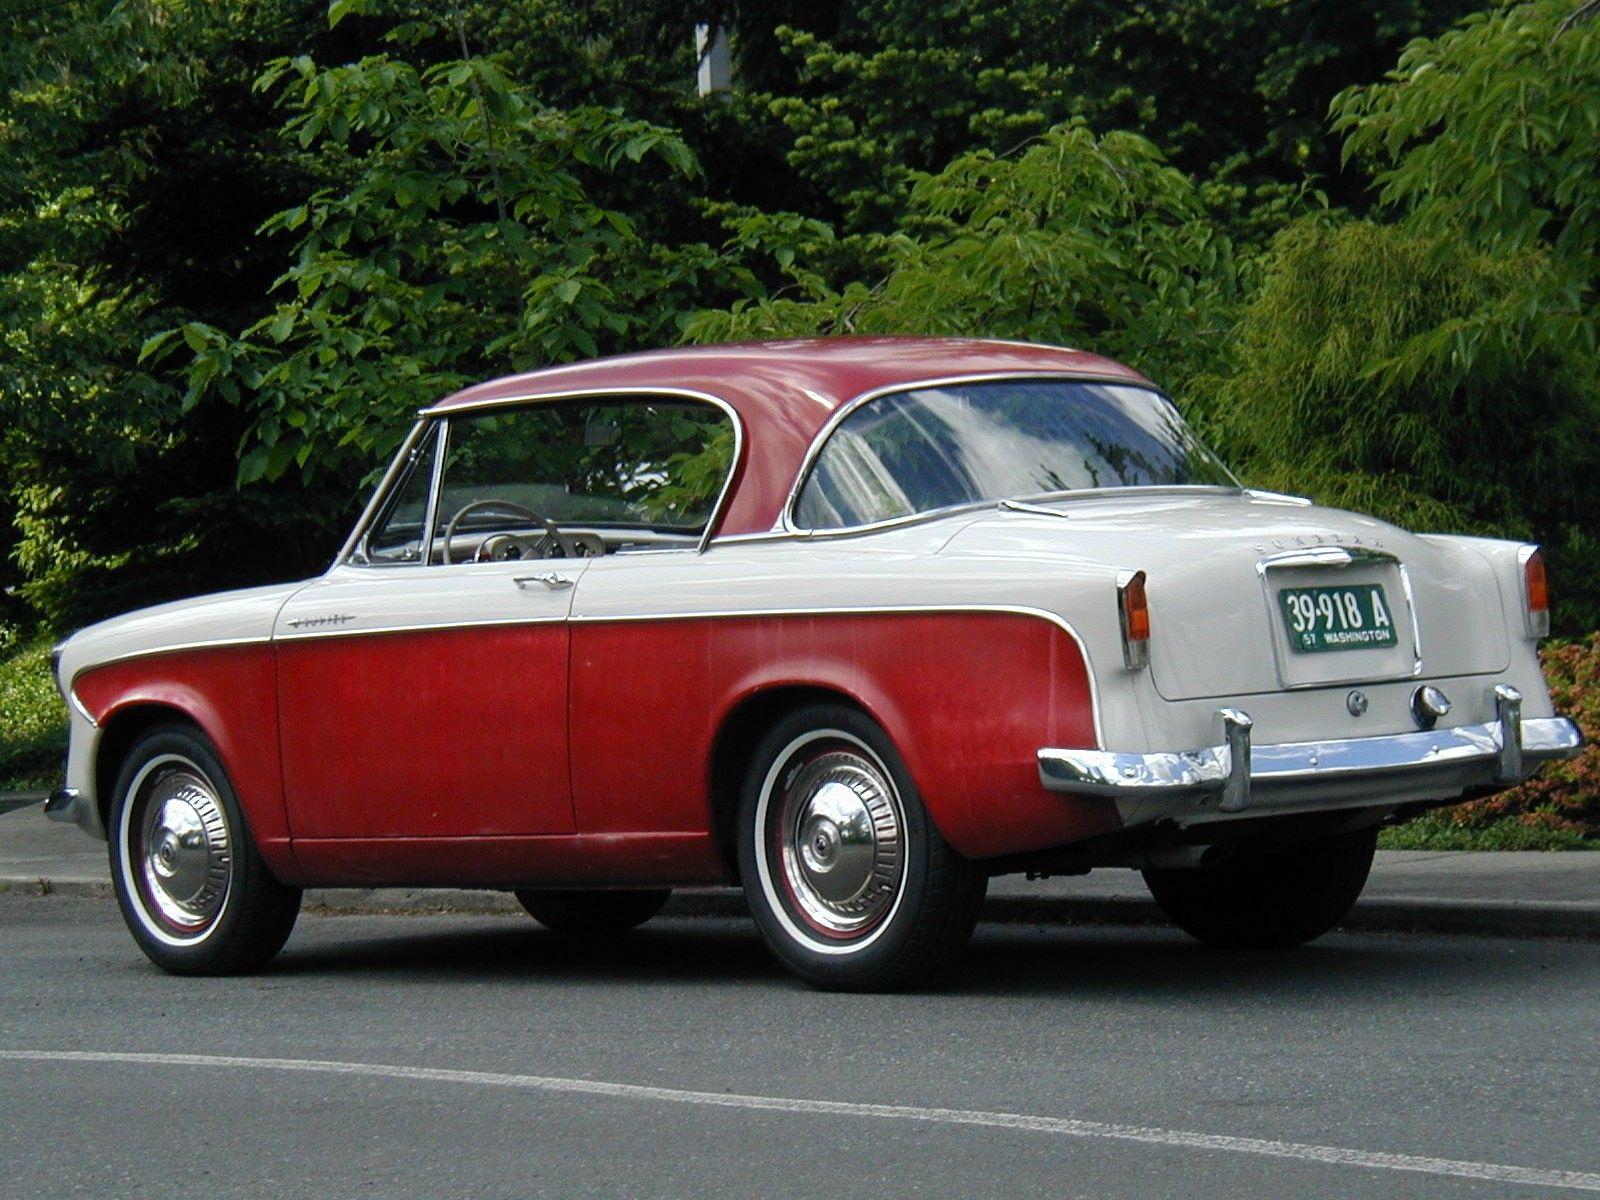 All sunbeam car company models list of sunbeam car company cars - 1957 Series I Sunbeam Rapier